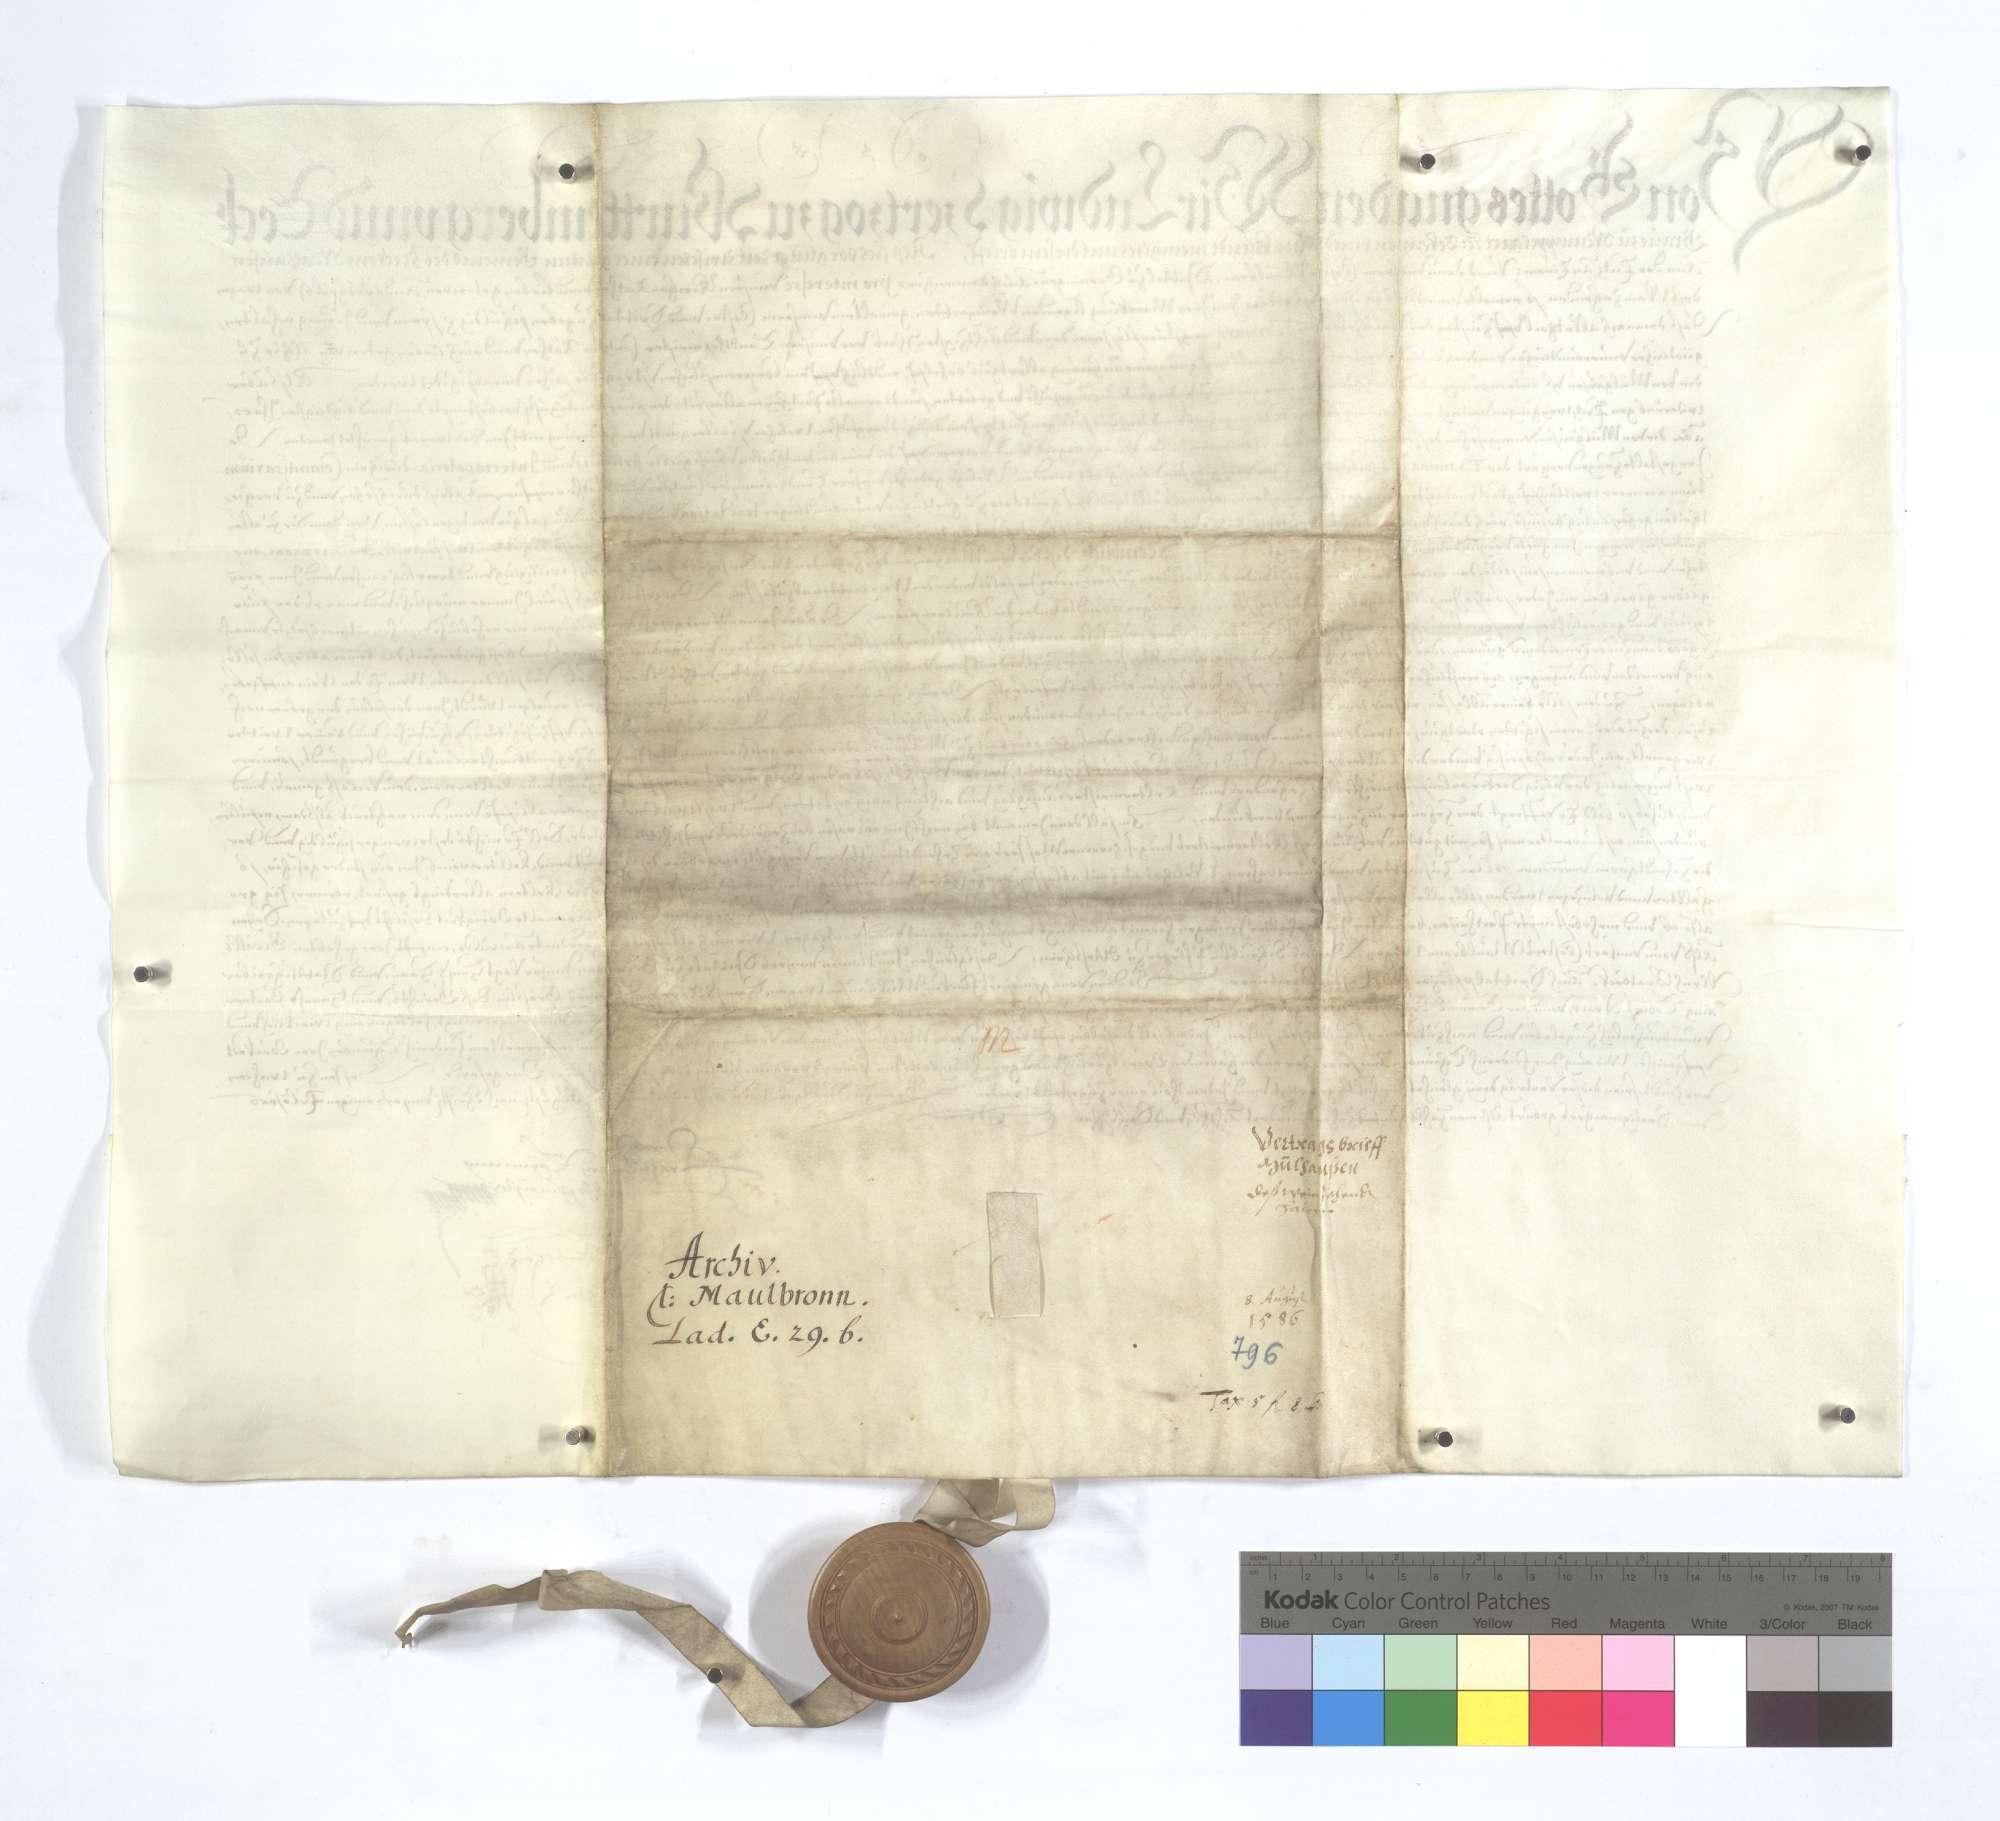 Vertrag zwischen der Kommune Mühlhausen (Mülhausen) und dem Kloster Maulbronn und Spital in Markgröningen (Groningen) wegen des Weinzehnten auf ersterer Markung., Rückseite